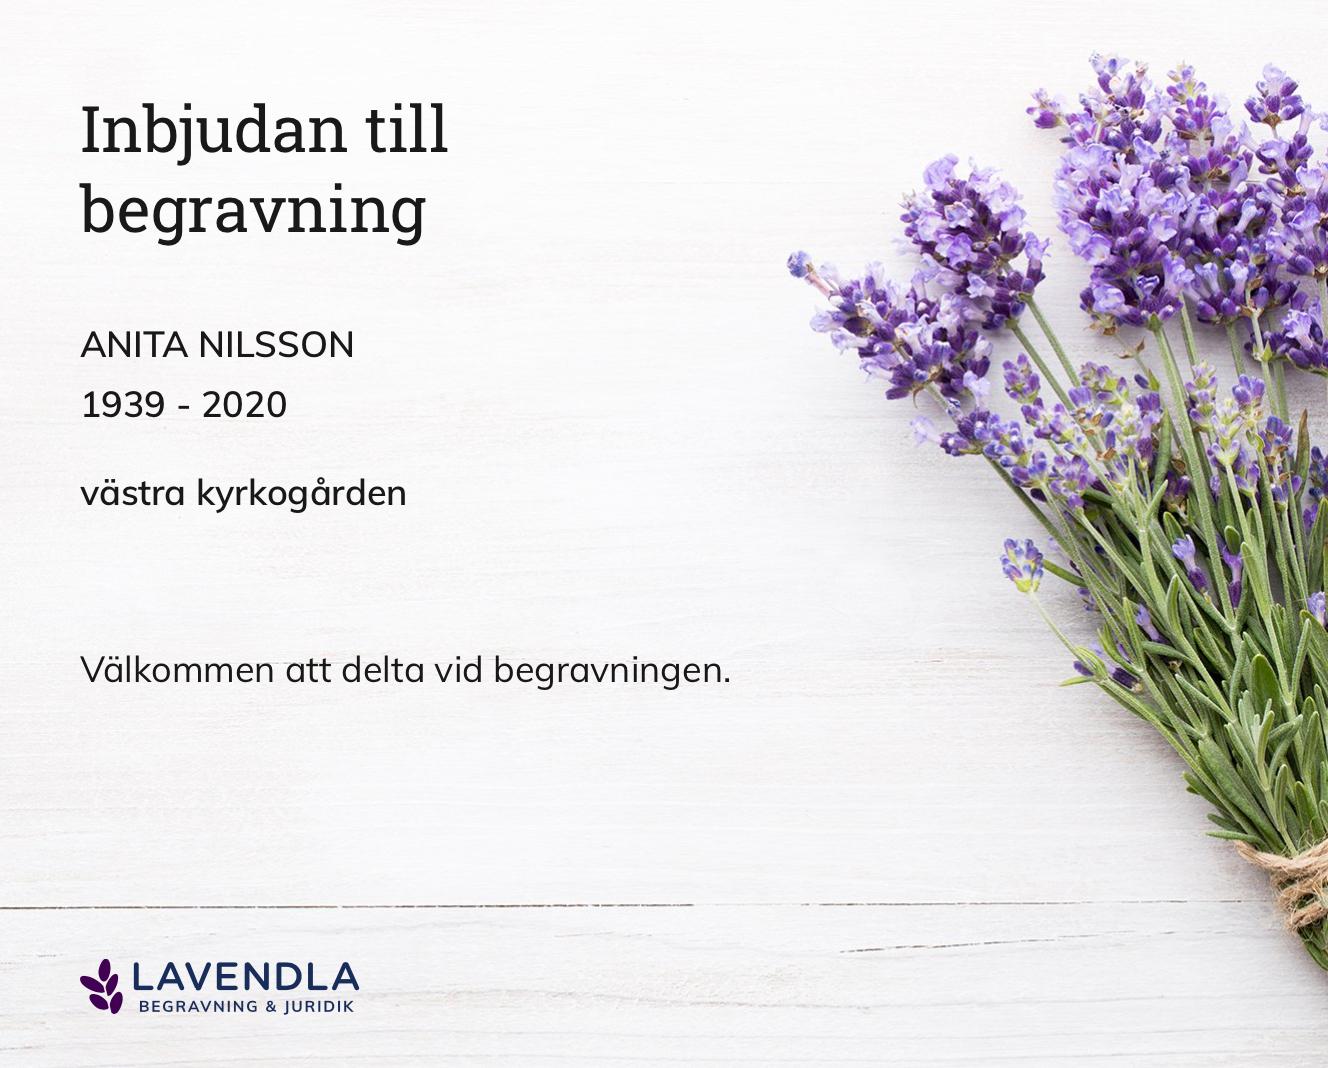 Inbjudningskort till ceremonin för ANITA NILSSON